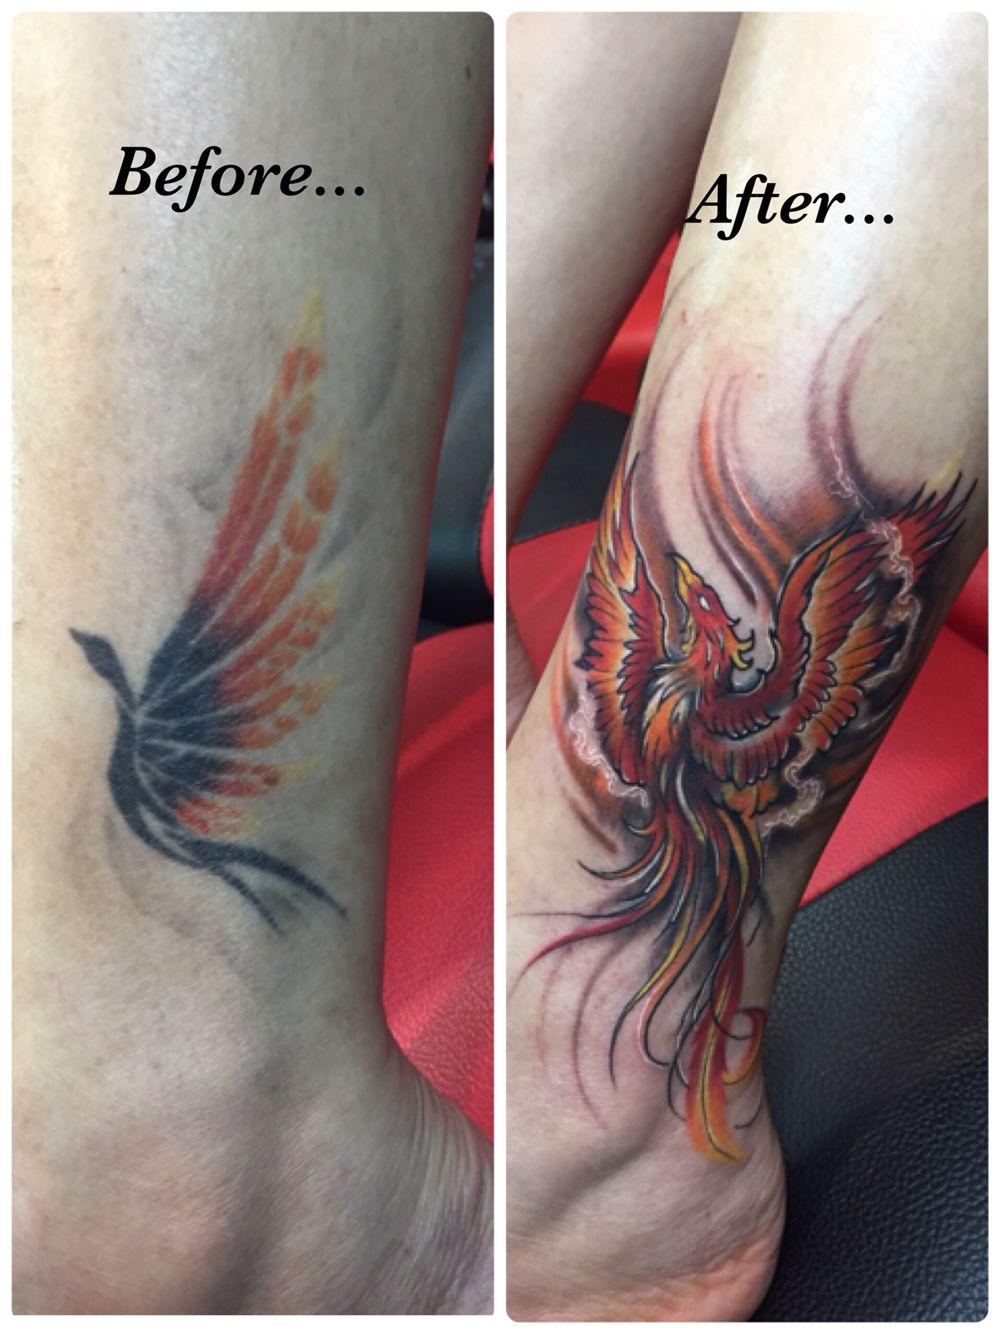 My new Phoenix tattoo